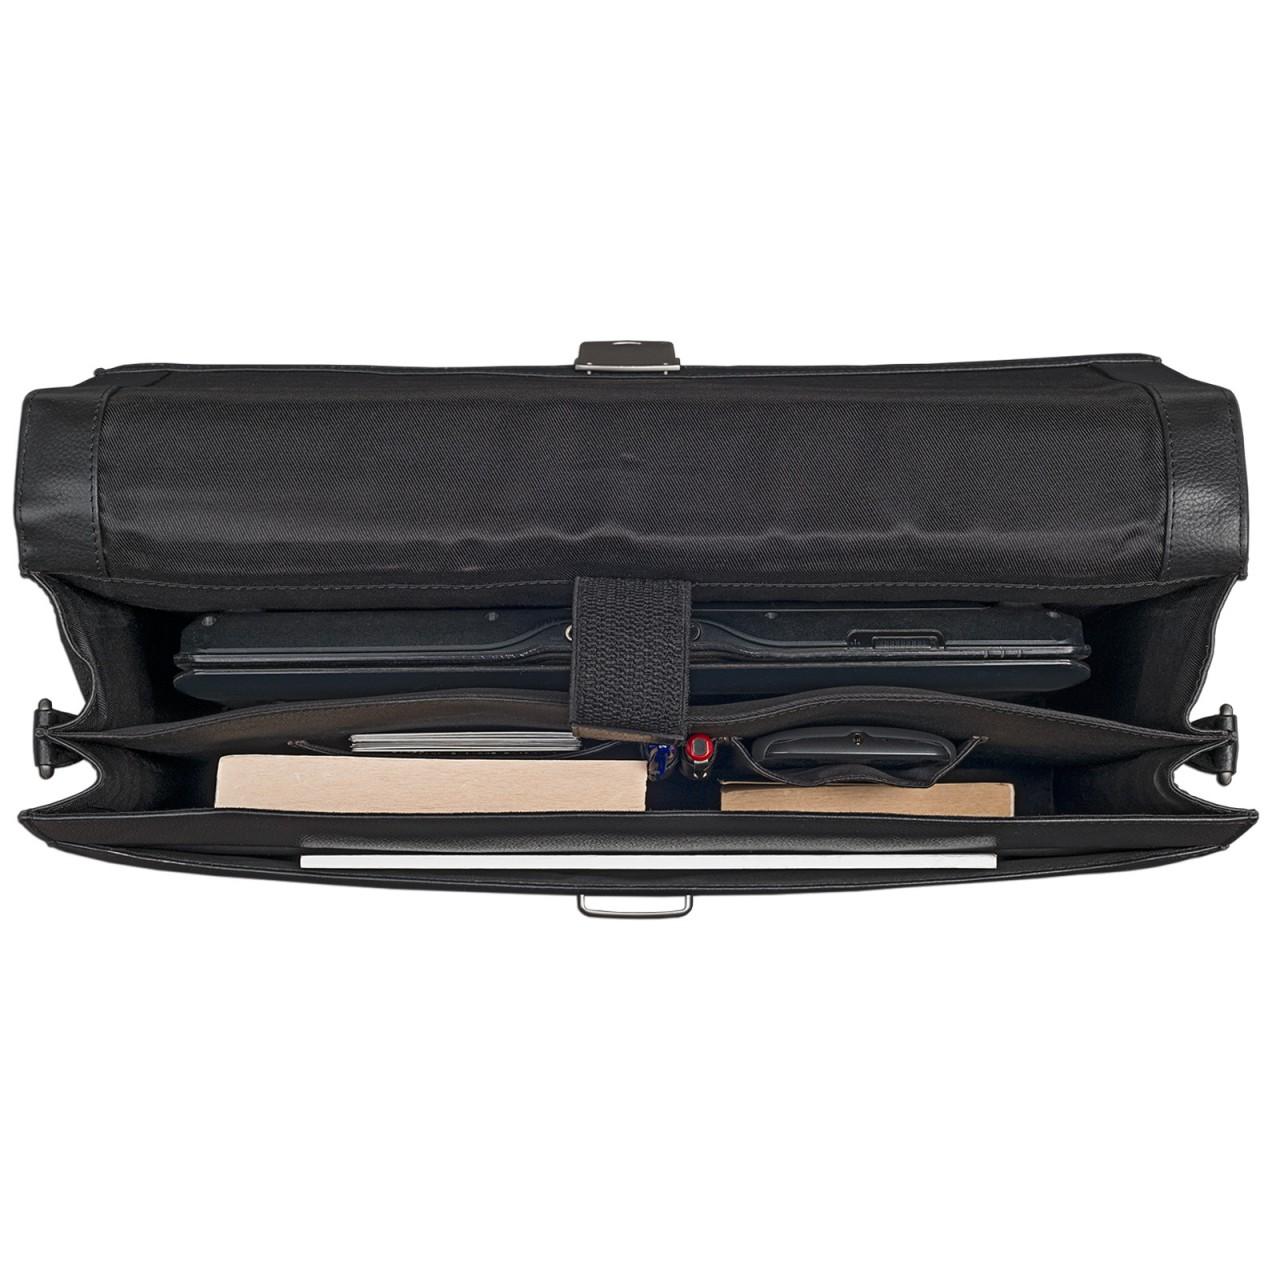 Businesstasche Laptoptasche 15,6 Zoll schwarz Leder elegante